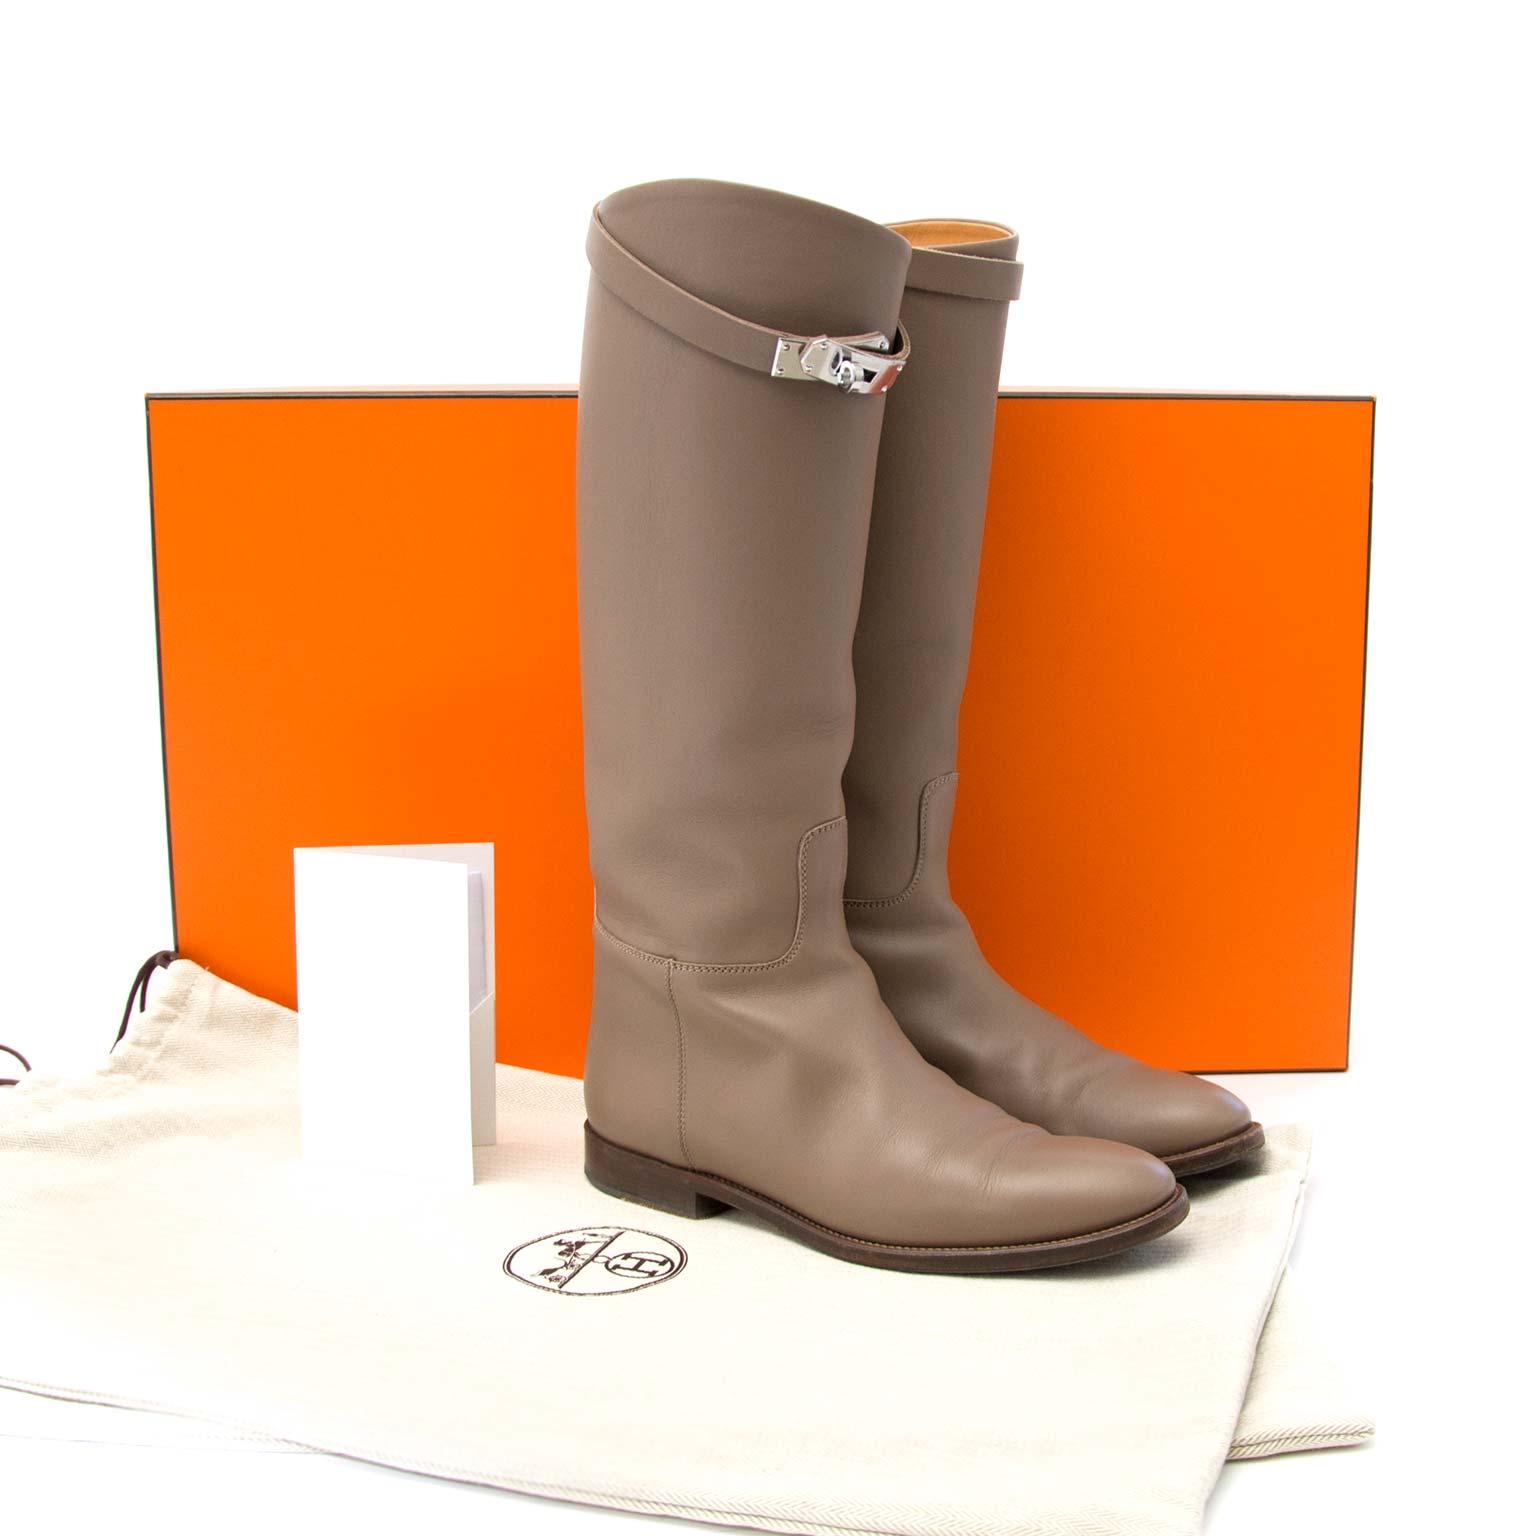 koop online aan de beste prijs Hermes Etoupe Bottes Jumping Veau Swift Forme Jopanais